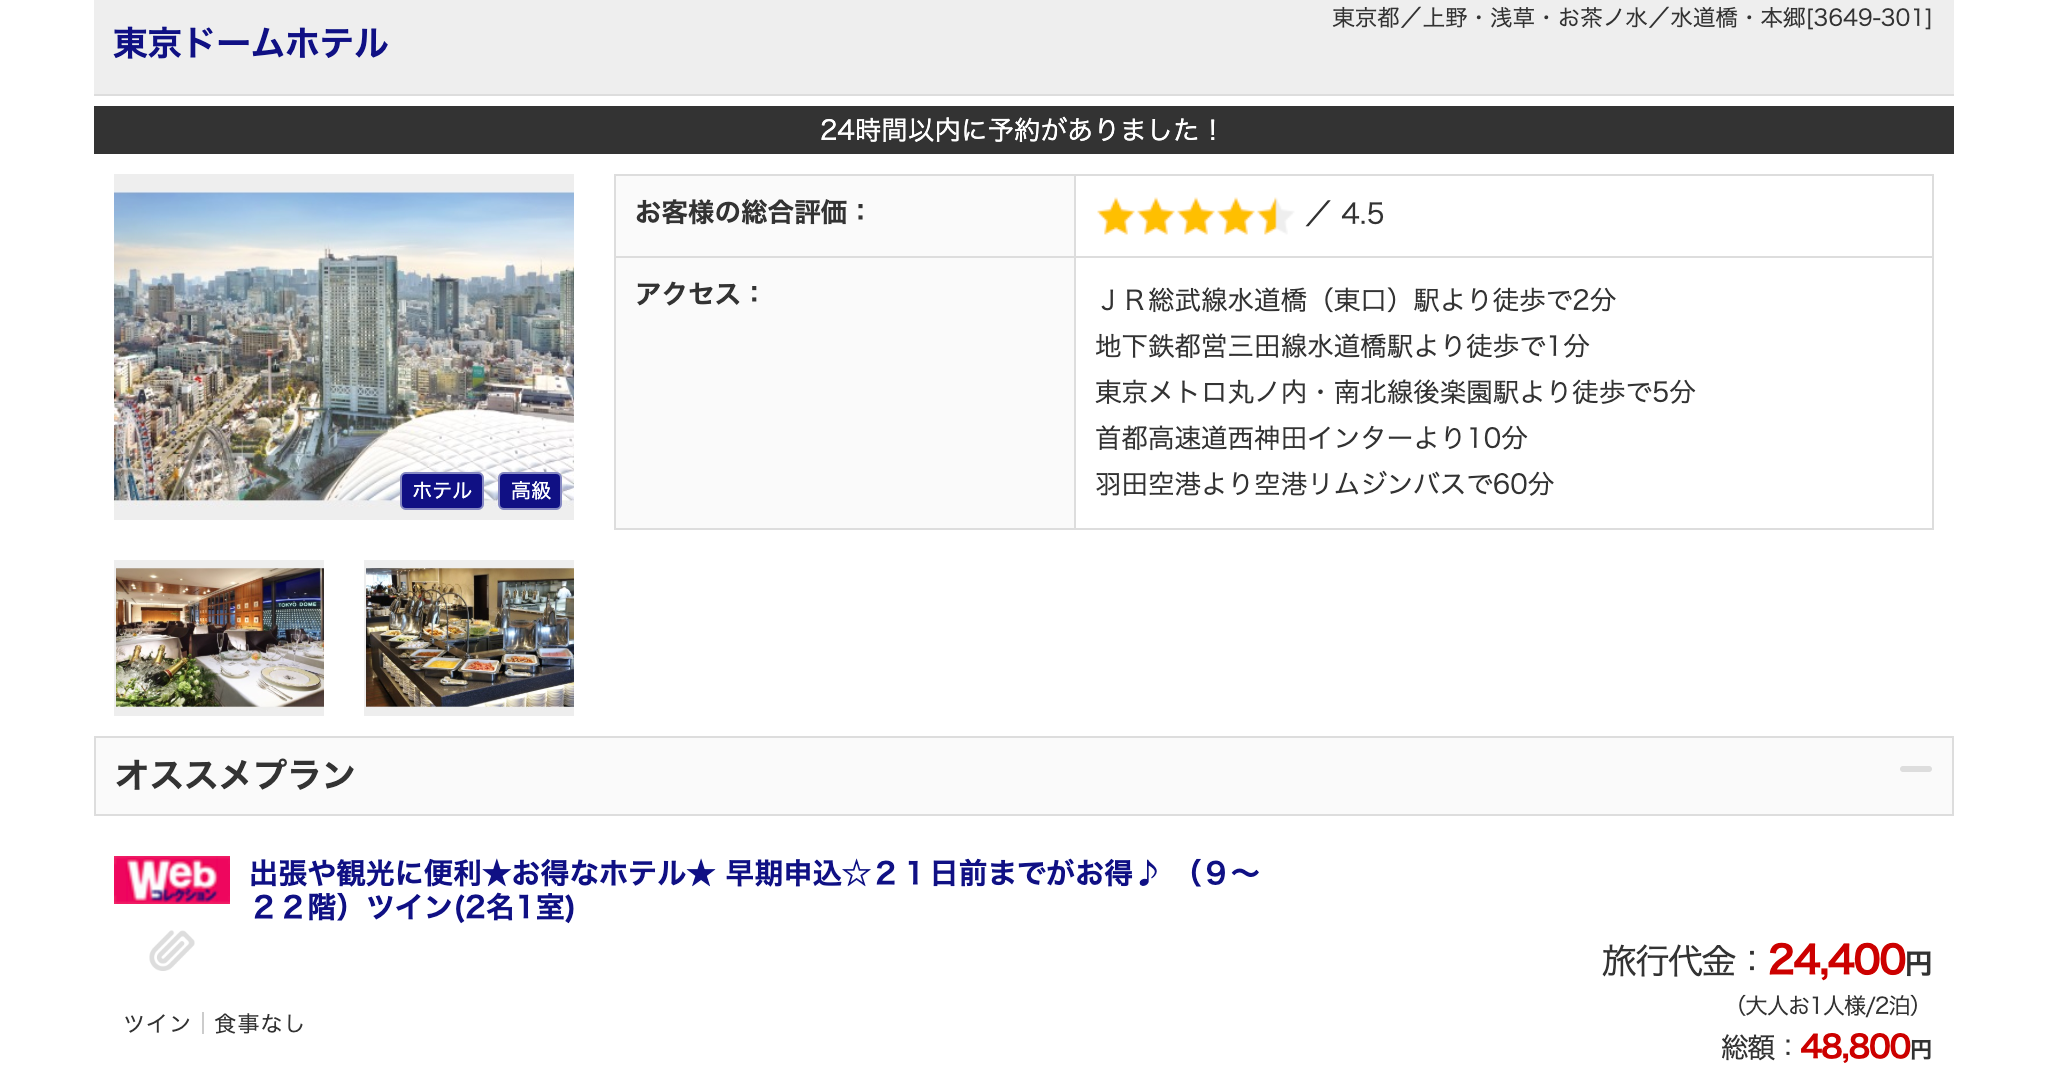 日本旅行で見つけた国内ホテル・宿